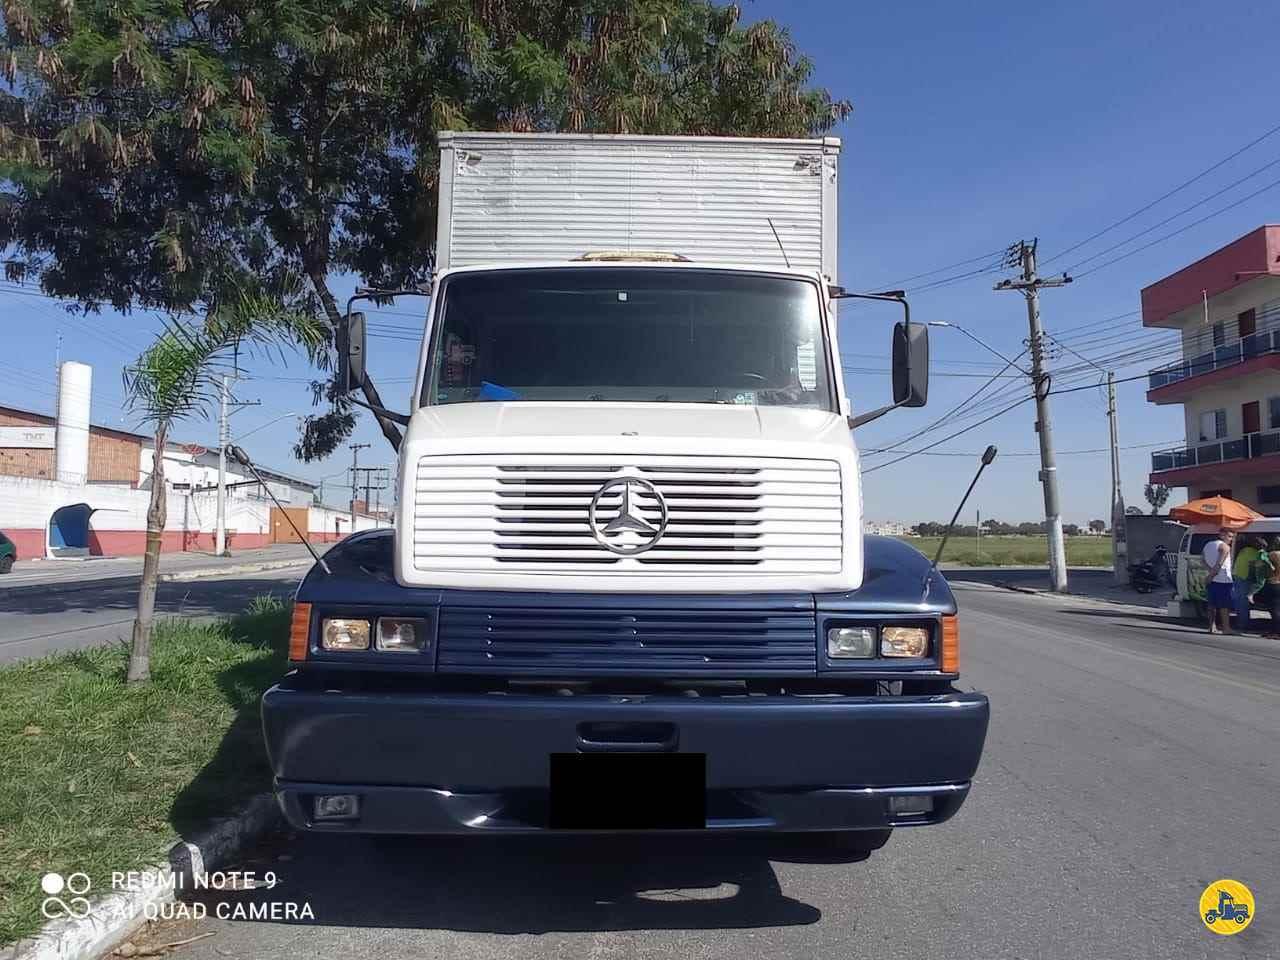 CAMINHAO MERCEDES-BENZ MB 1418 Baú Furgão Truck 6x2 Wilson Caminhões RIBEIRAO PIRES SÃO PAULO SP